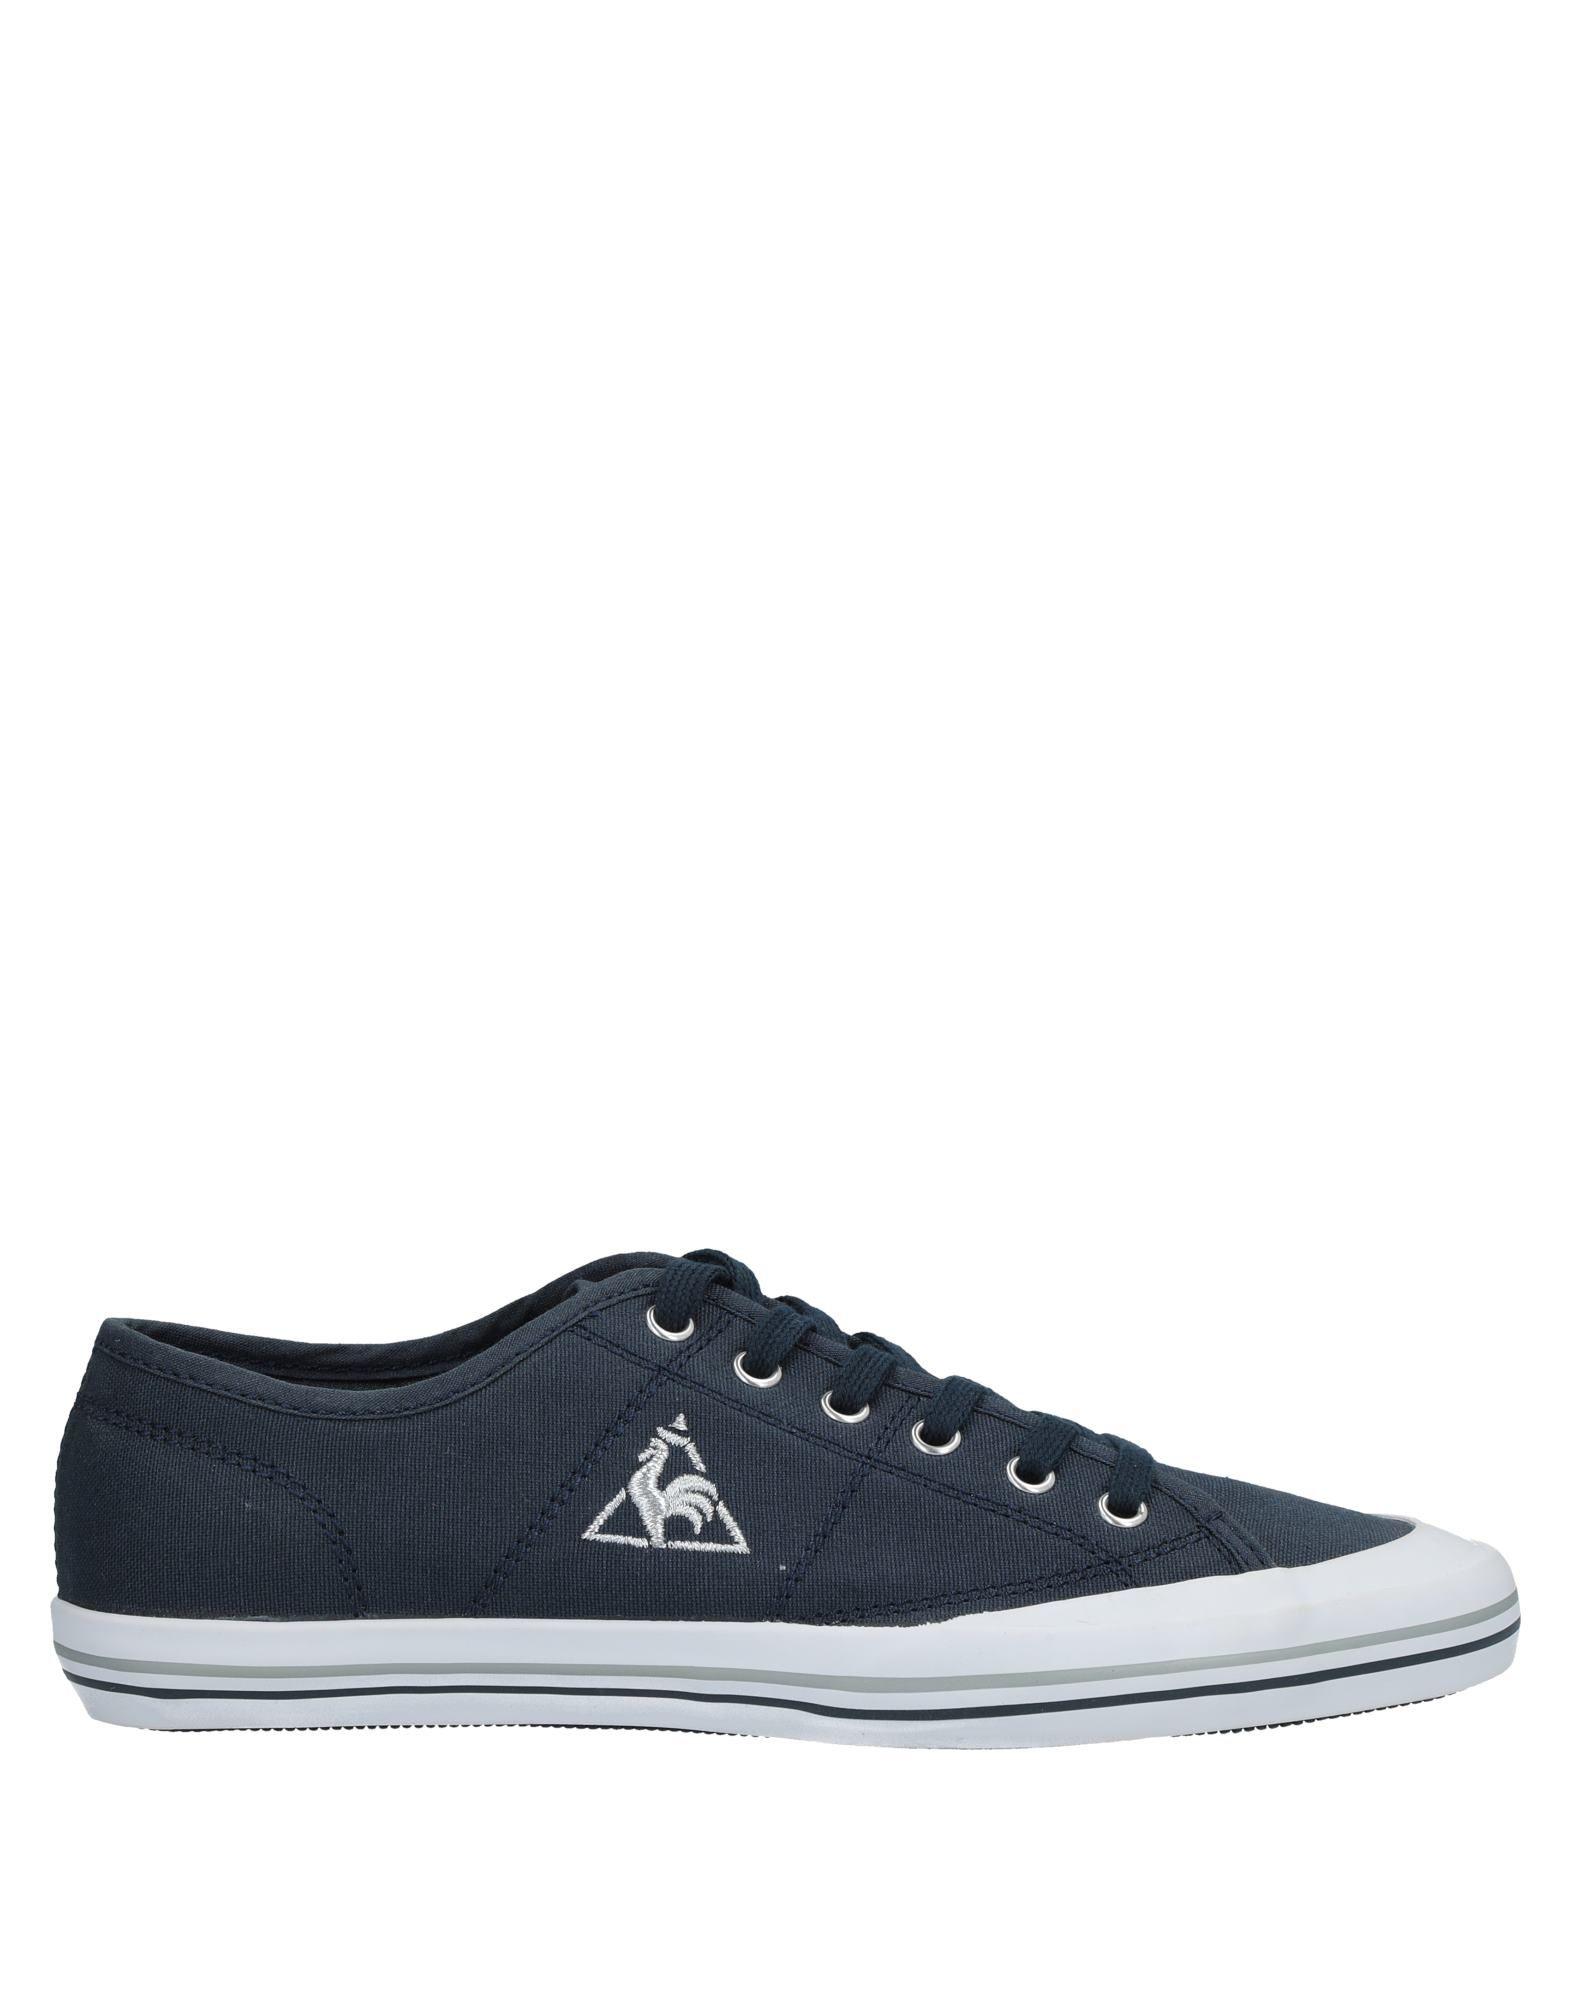 Sneakers Le Coq Sportif - Donna - Sportif 11533670VH db58e6